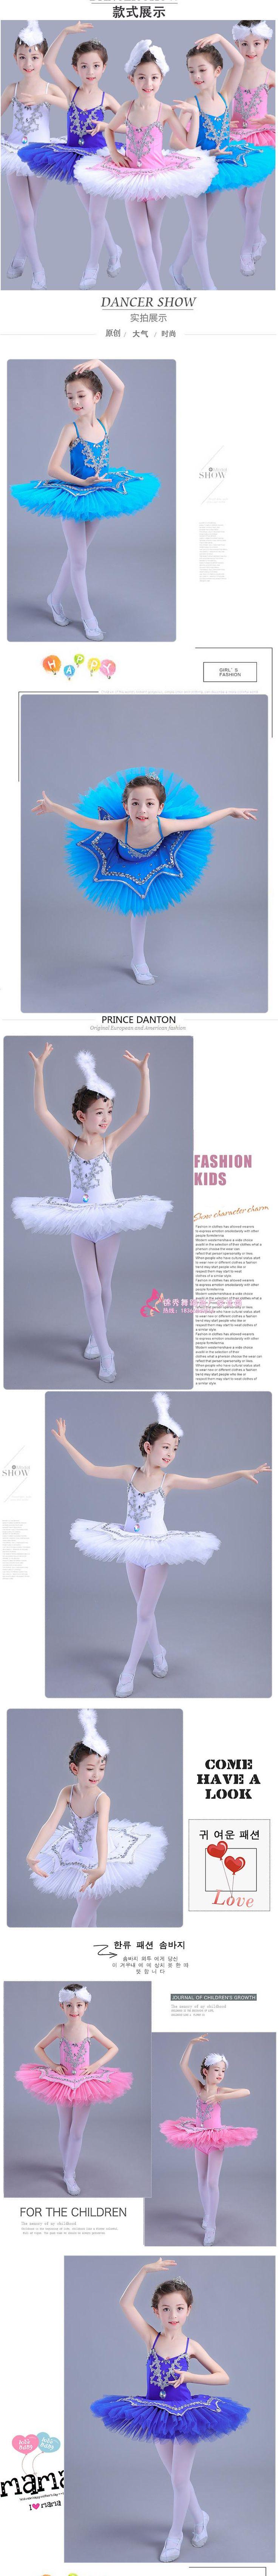 2017 Nuevos Niños de la Llegada Vestido Tutú de Ballet Del Lago Swan Multicolor Trajes de Ballet Niños Vestido de Niña de Ballet para Niños en Ballet de Novedad y de Uso Especial en AliExpress.com   Alibaba Group